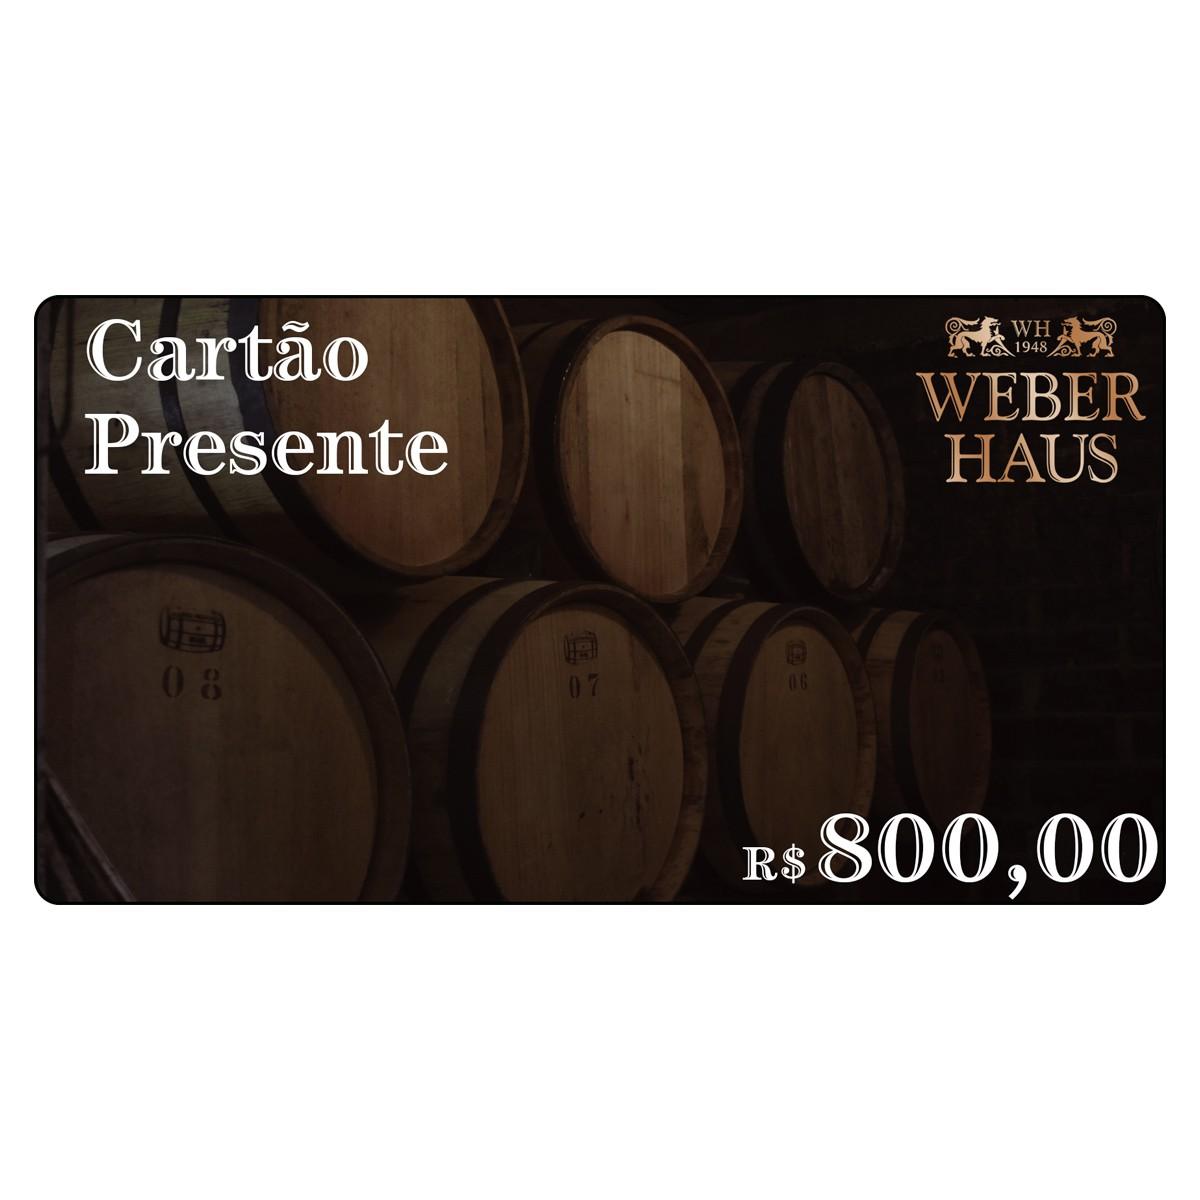 Cartão Presente no Valor de R$800,00